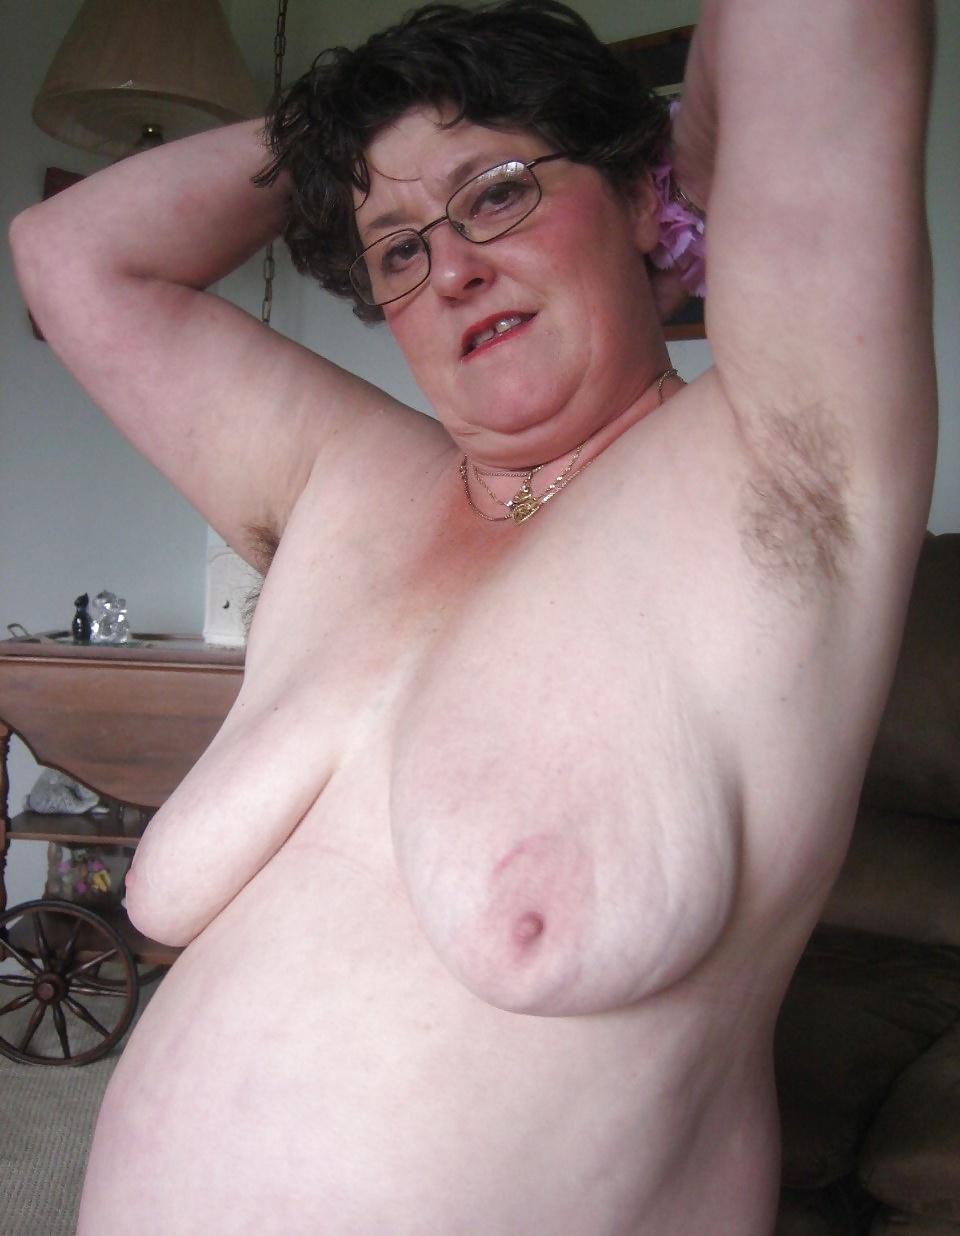 Büsten reifer Frauen hängen einsam.